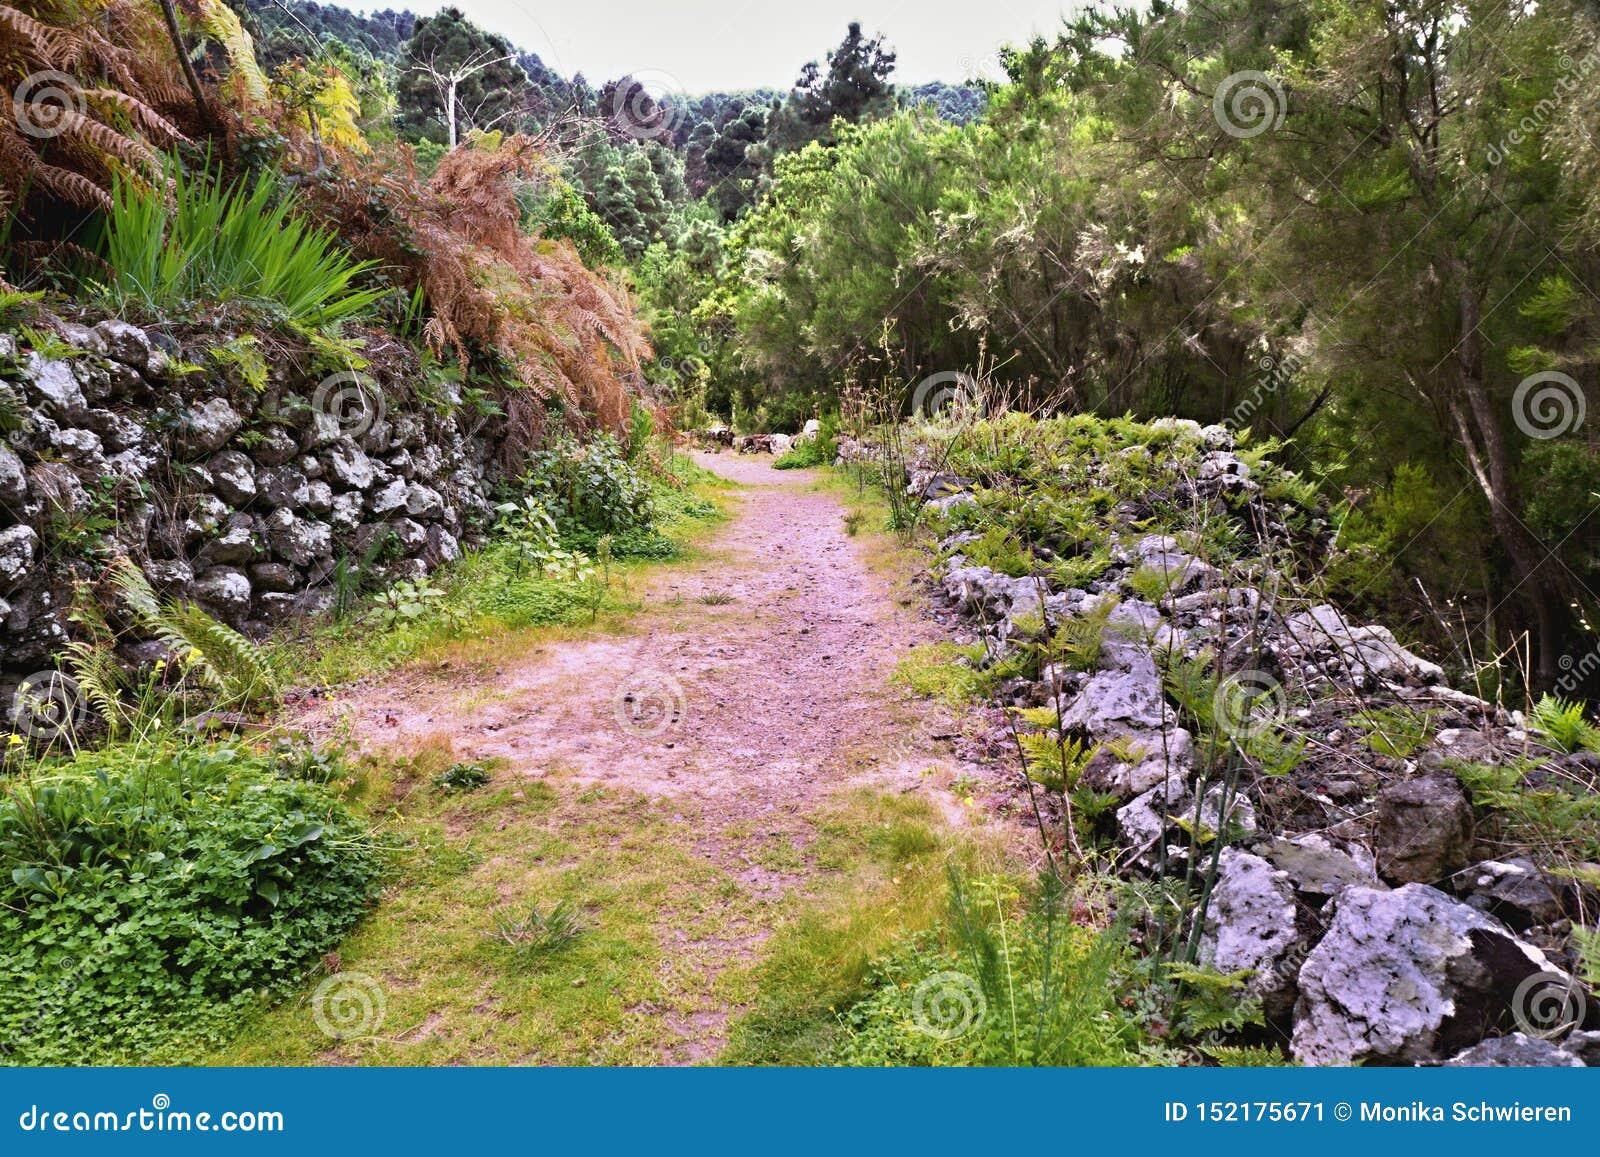 Wanderweg auf teneriffa auf Monte Frio eine Flechte-bedeckte alte Steinwand